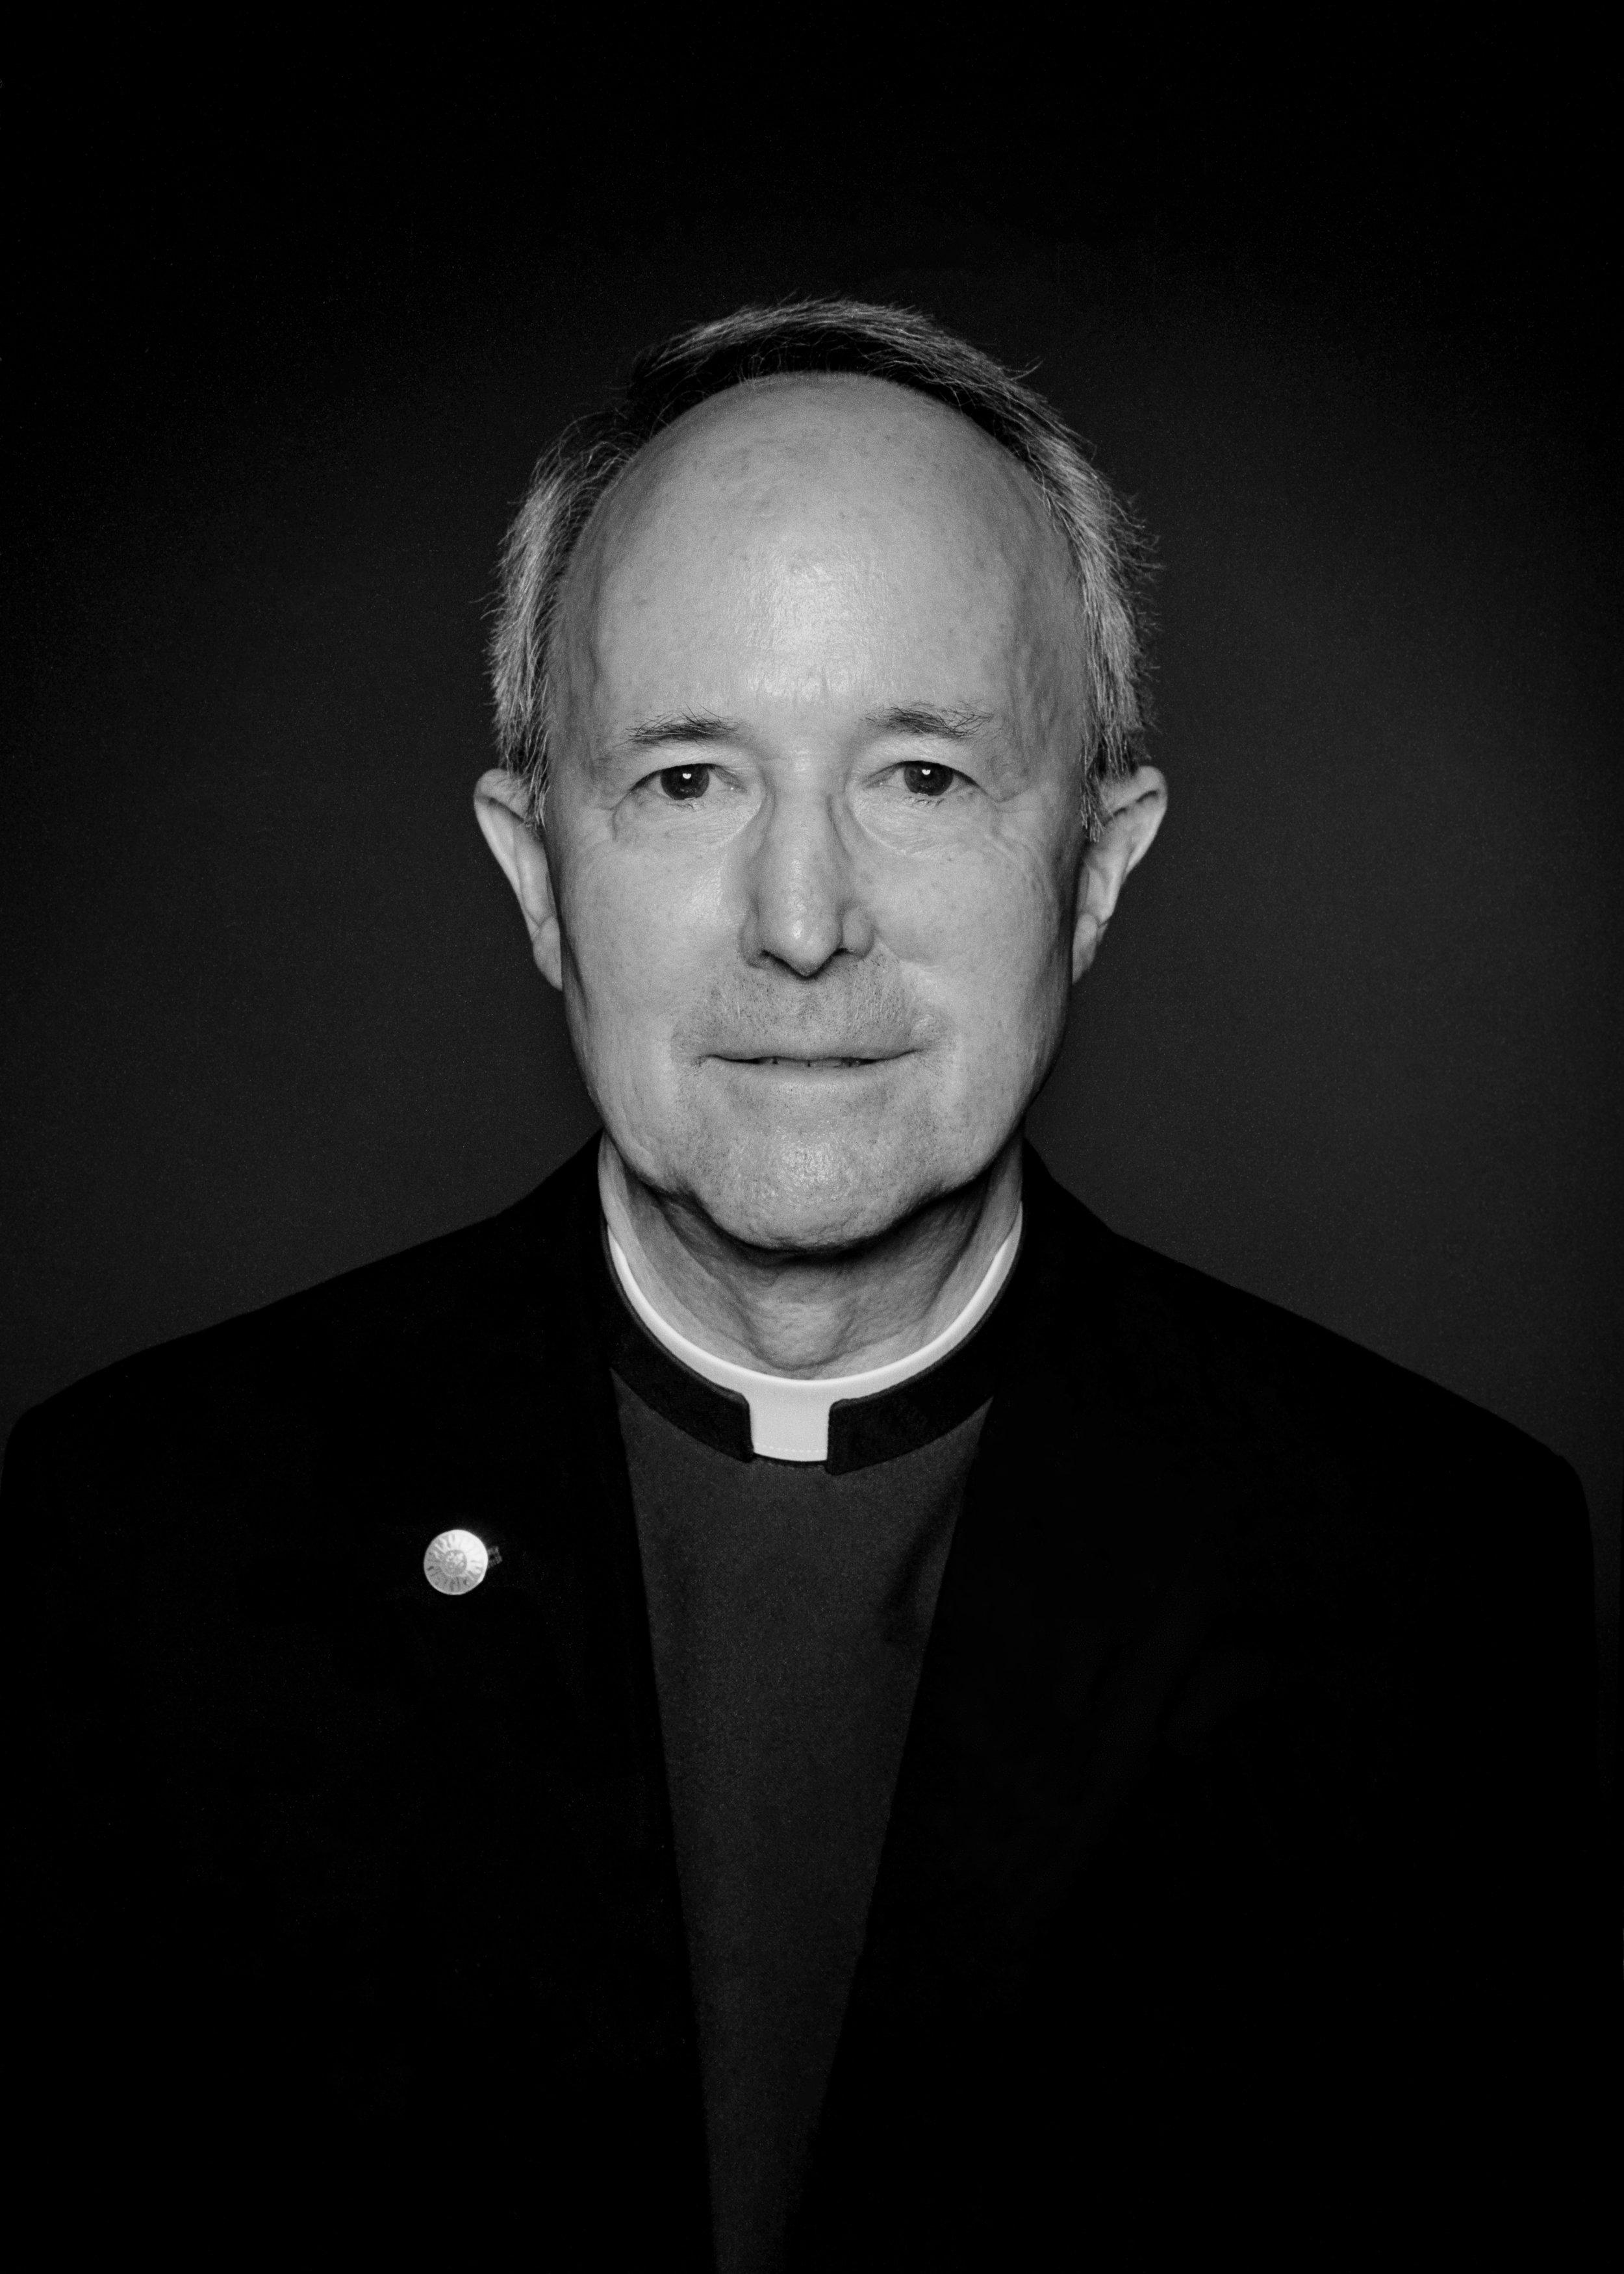 Inside the Film: Fr. Roche, S.J.